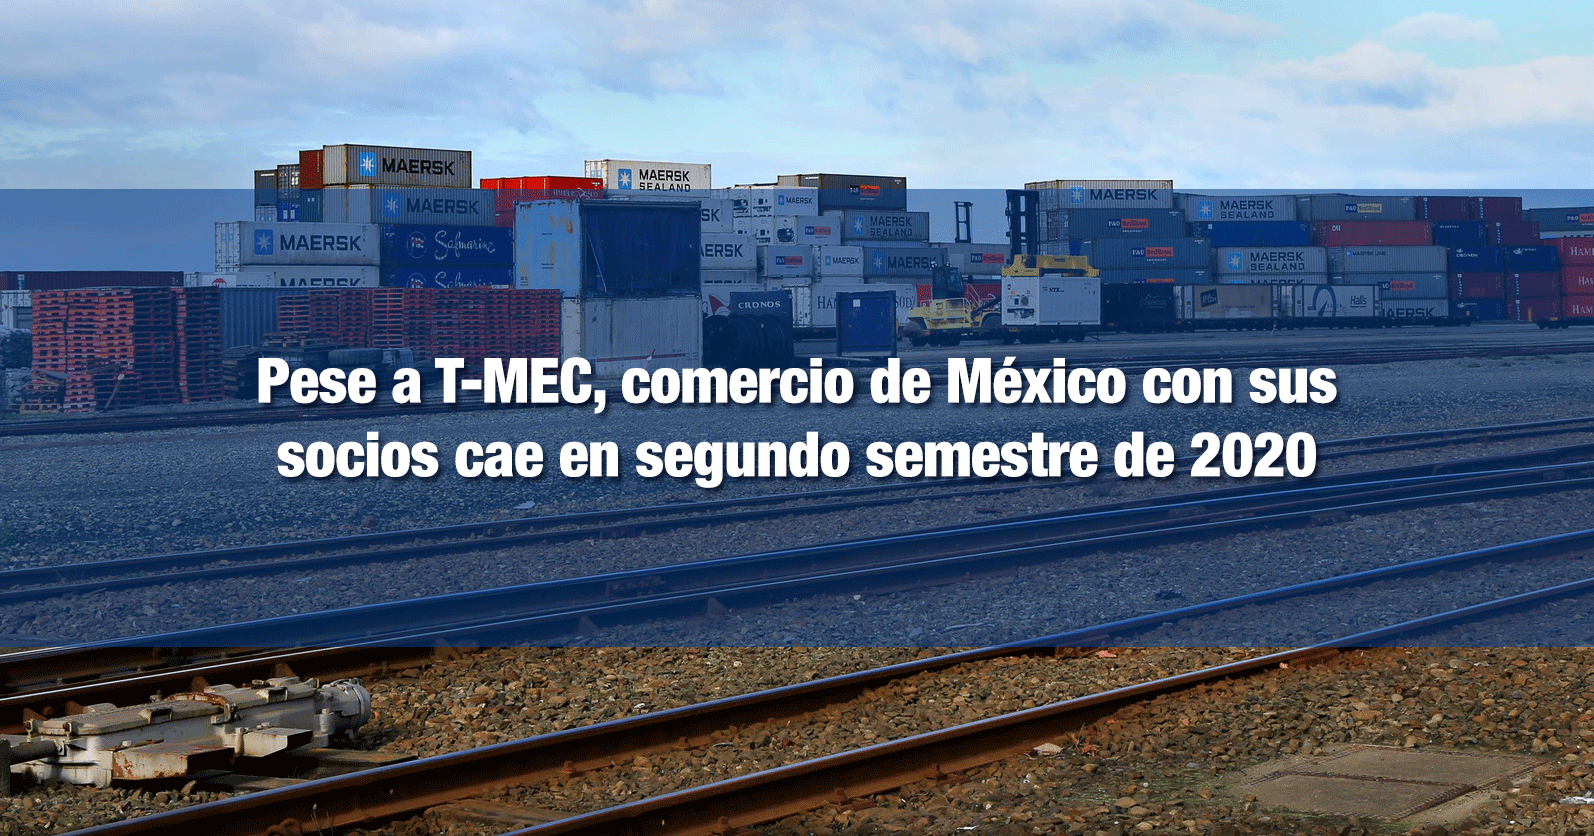 Pese a T-MEC, comercio de México con sus socios cae en segundo semestre de 2020